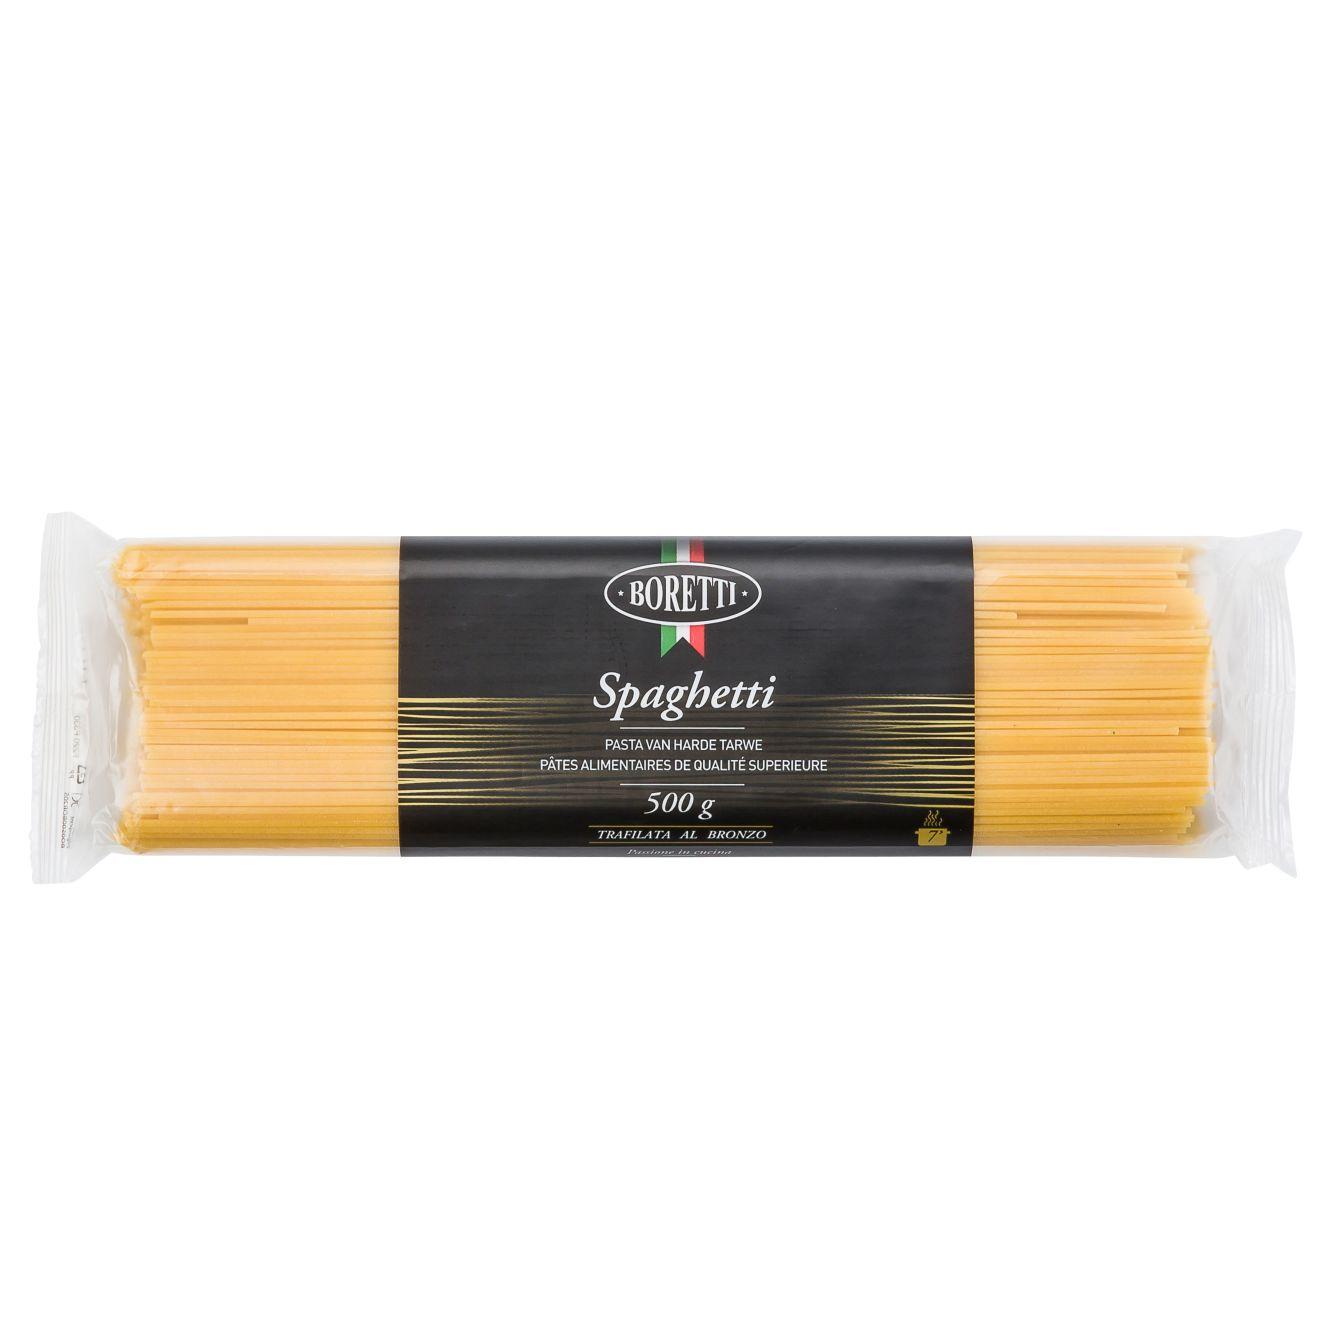 Boretti Spaghetti